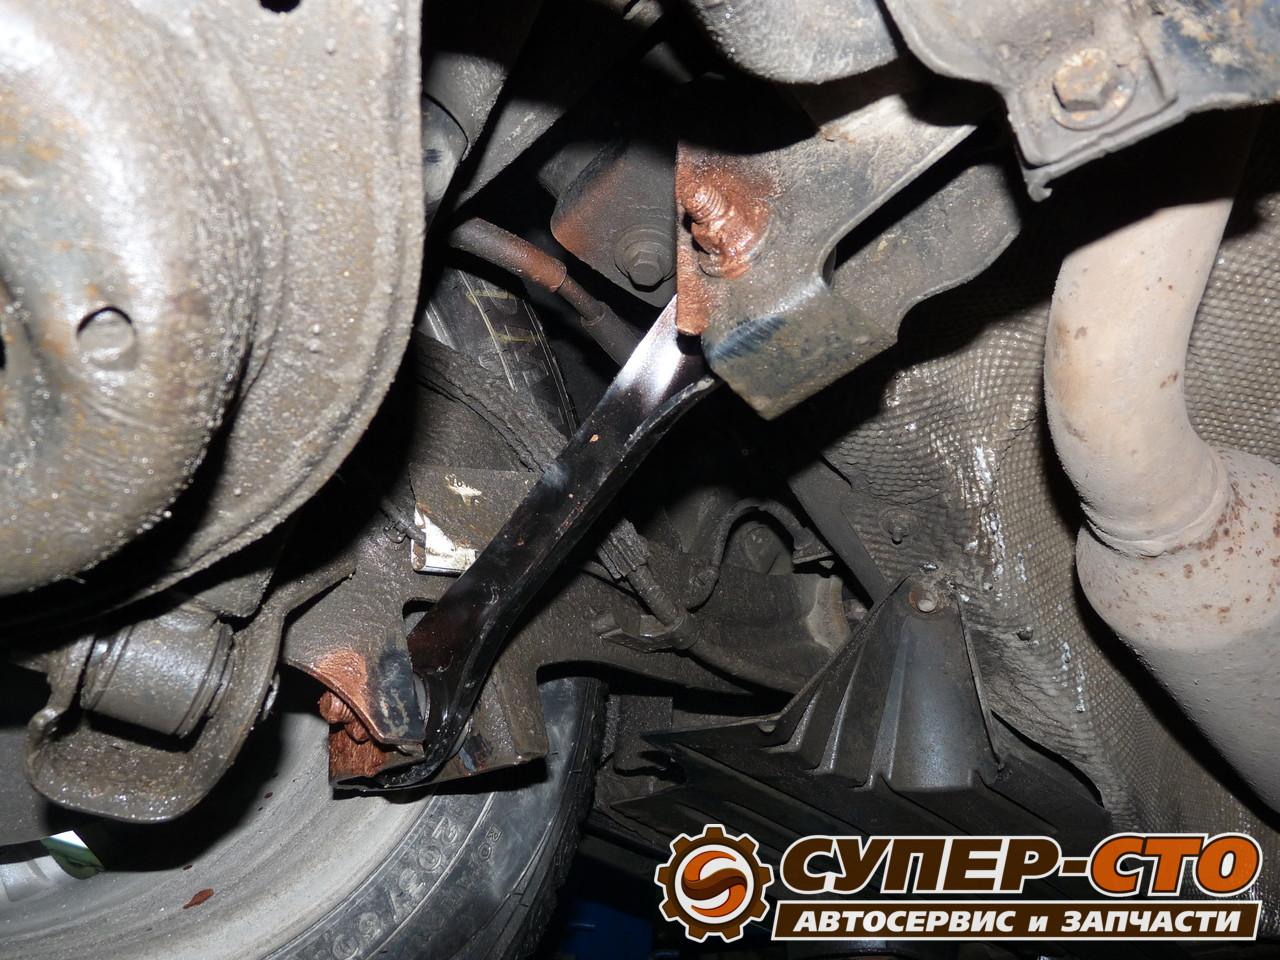 Замена заднего рычага ford focus Замена моторного масла в двигателе рено лагуна 2